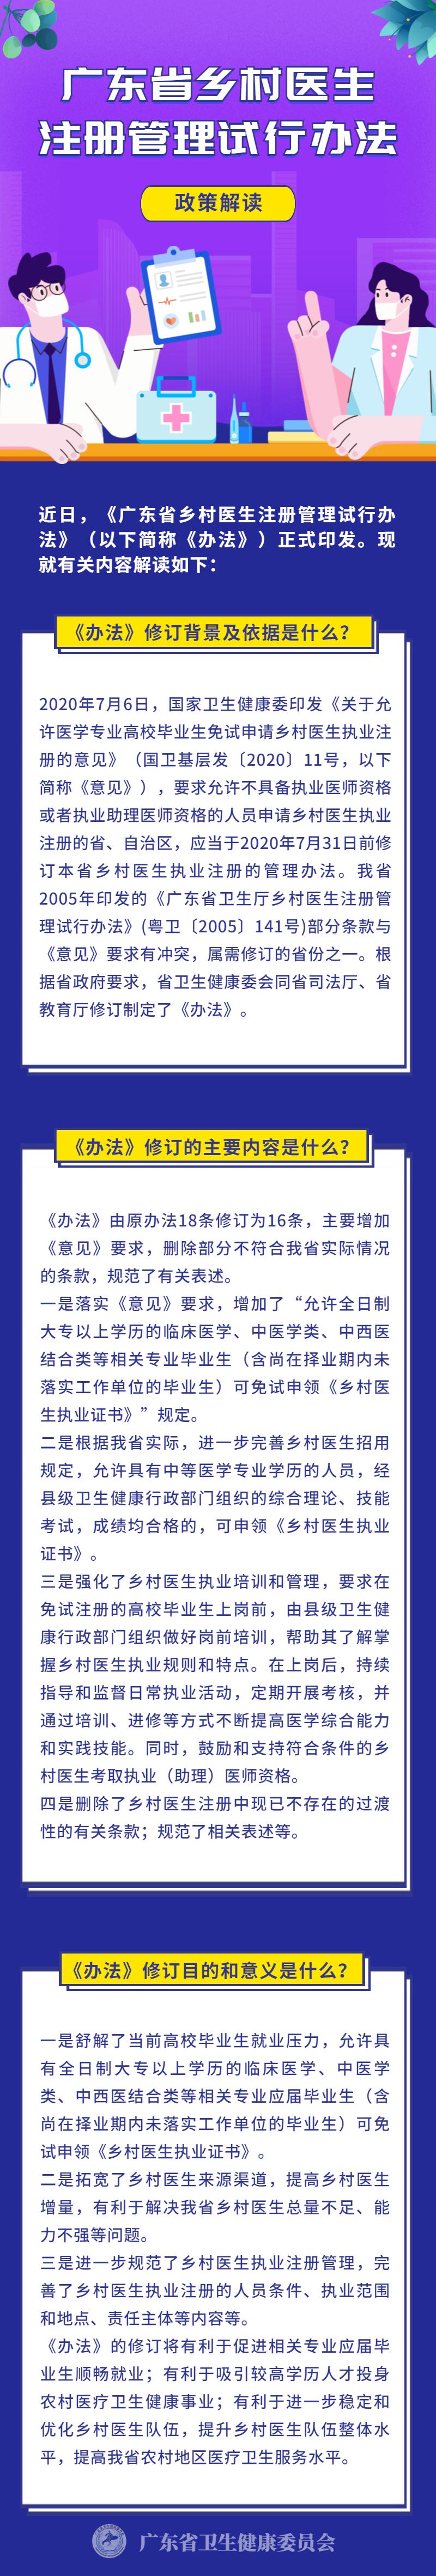 广东省乡村医生 注册管理试行办法.png